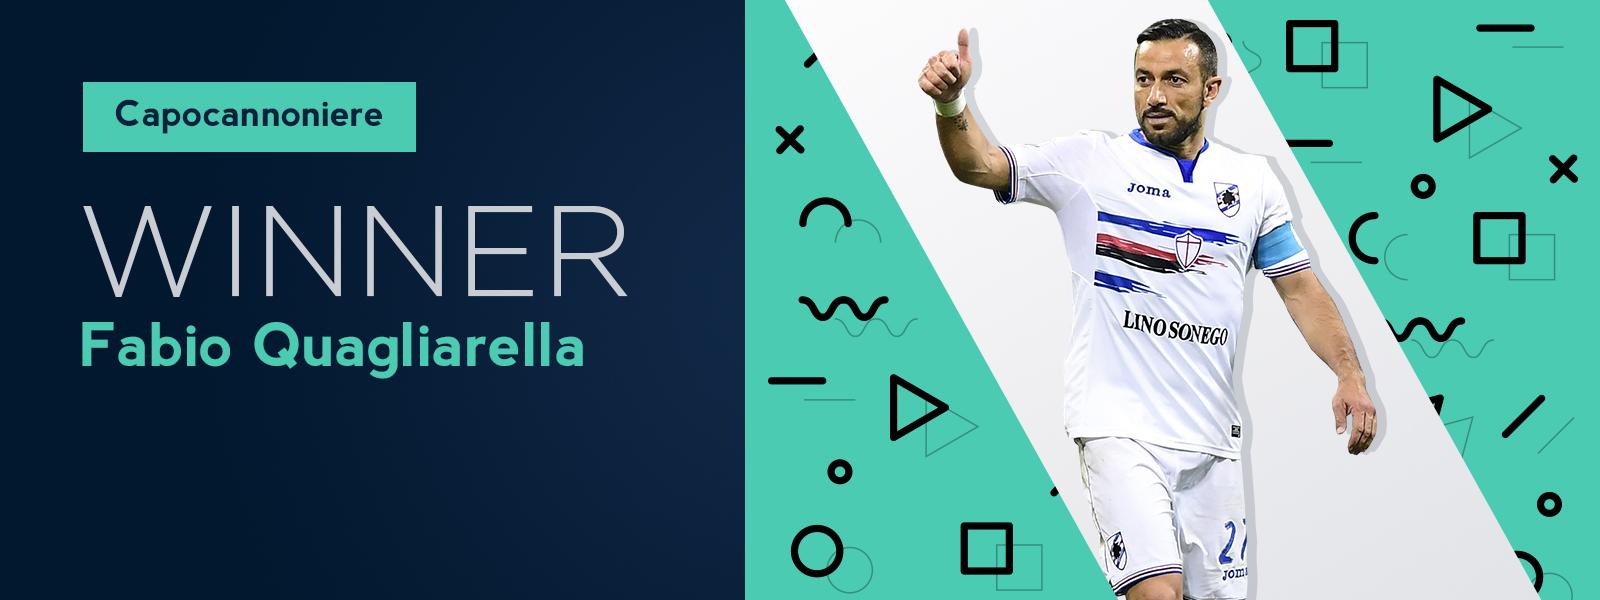 Italy Capocannoniere Title Winner Fabio Quagliarella